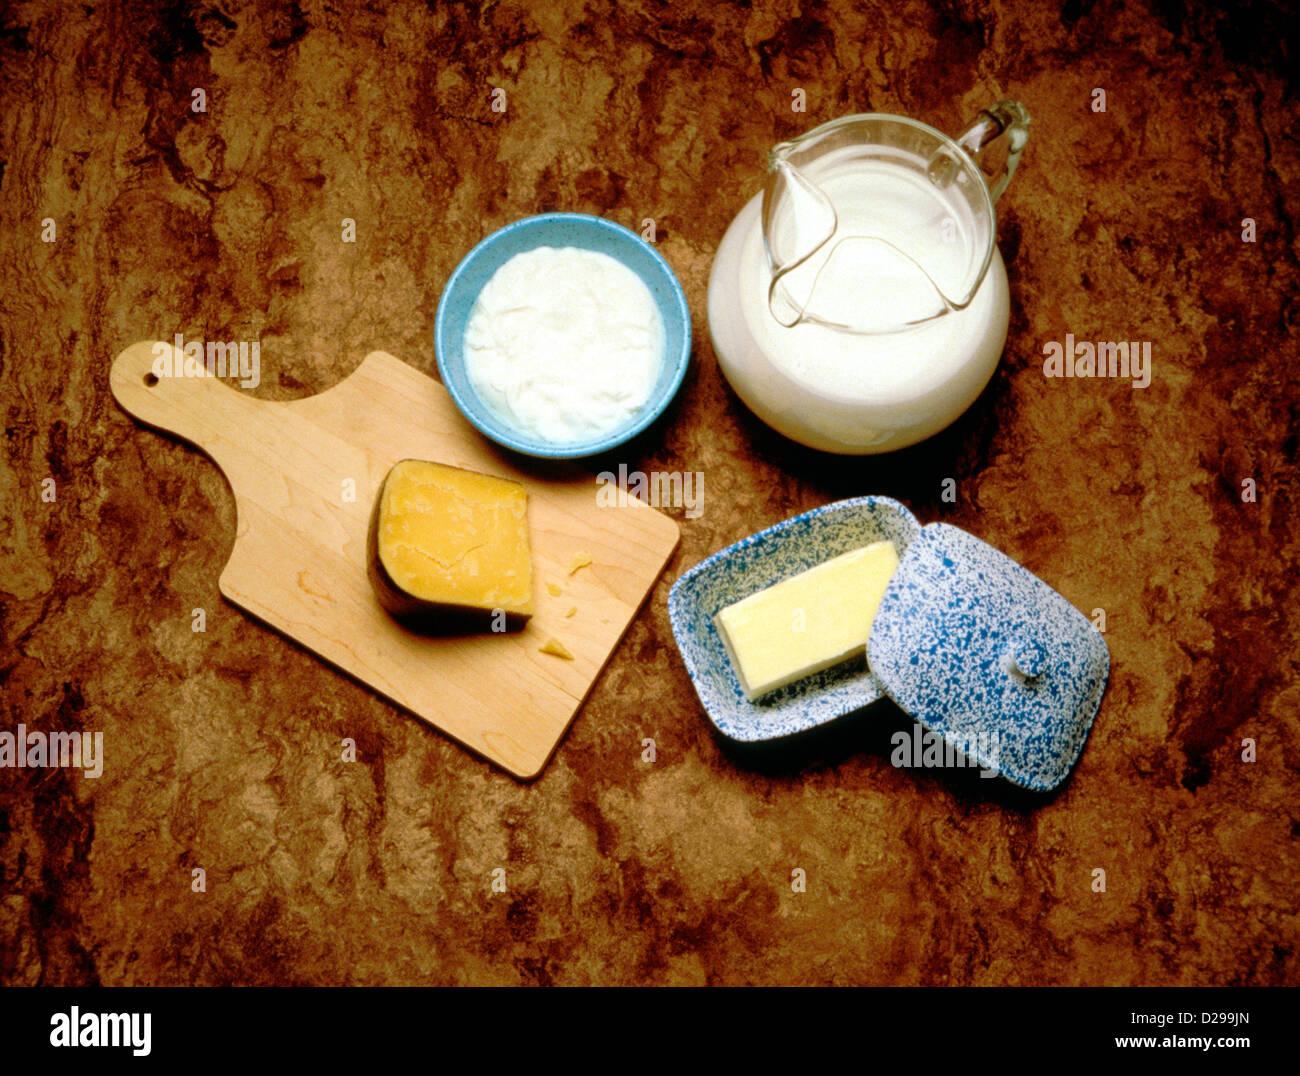 Bodegón de productos lácteos: leche, yogur, mantequilla y queso Imagen De Stock